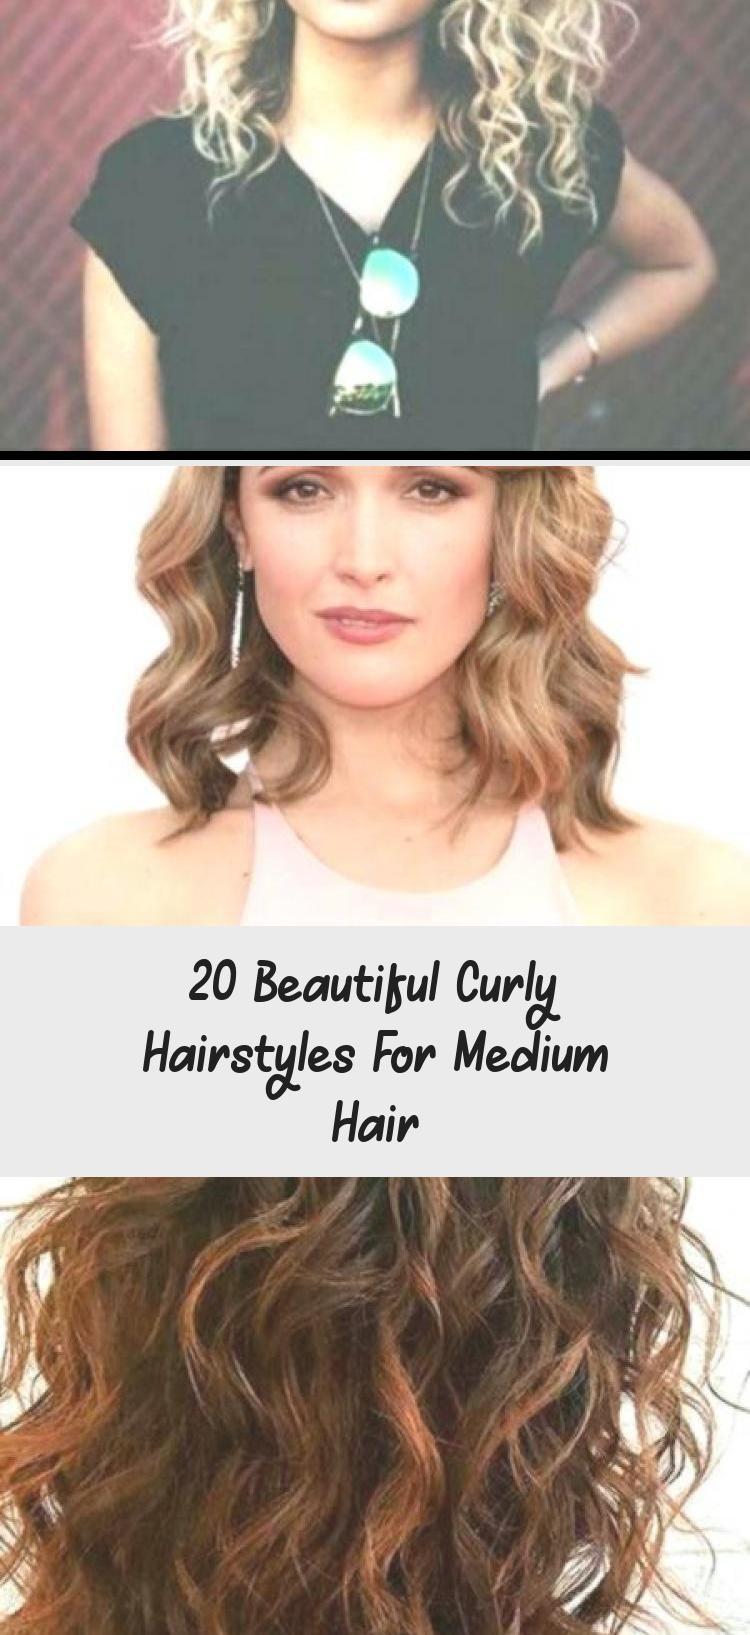 20 schöne lockige Frisuren für mittleres Haar, #beautiful #curly #haarstyles #me …